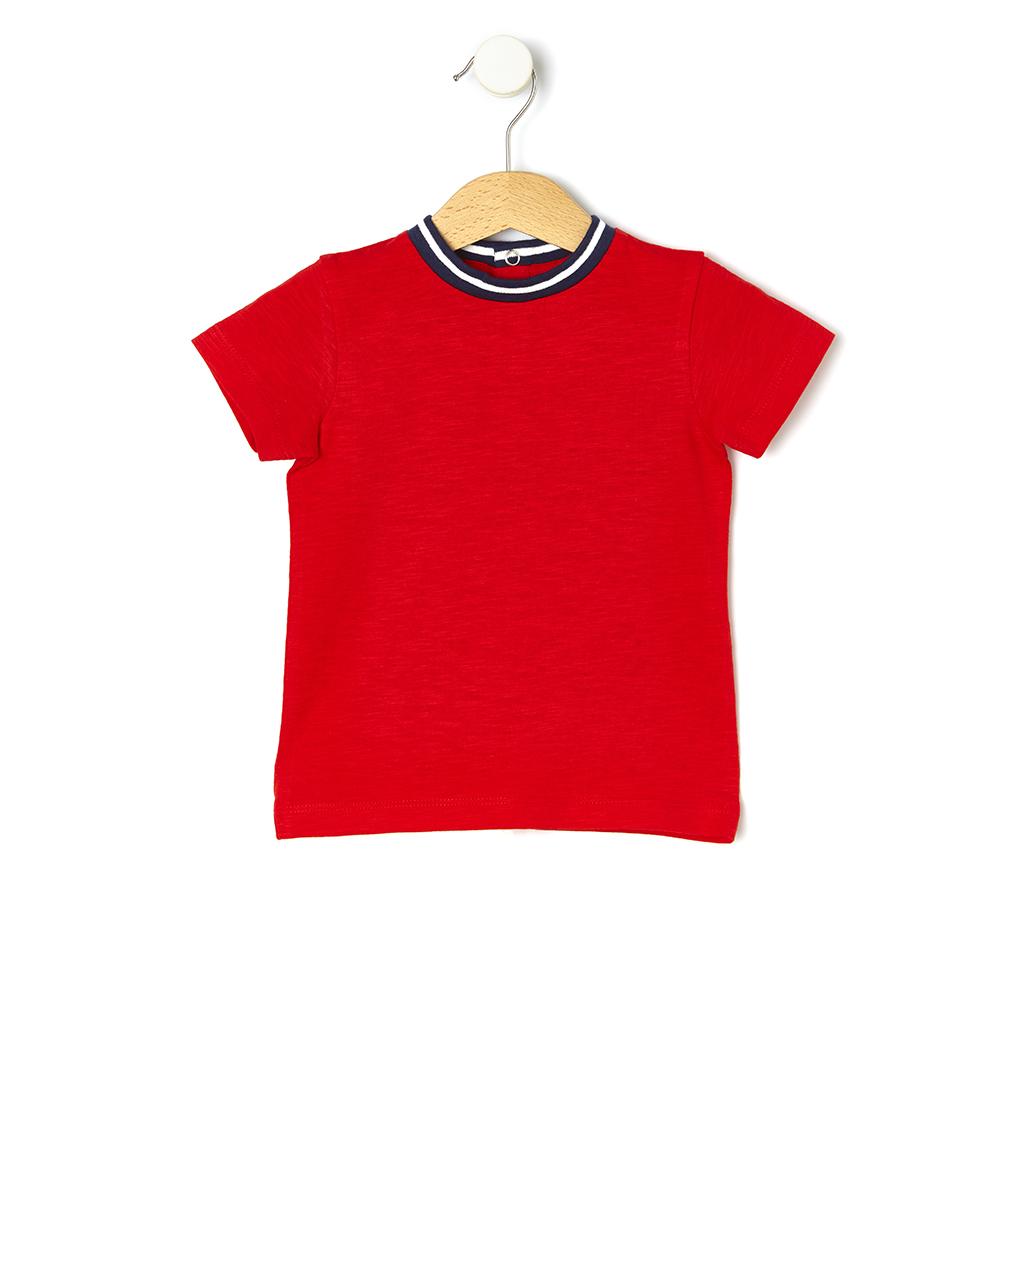 T-shirt Βαμβακερό Κόκκινο για Αγόρι